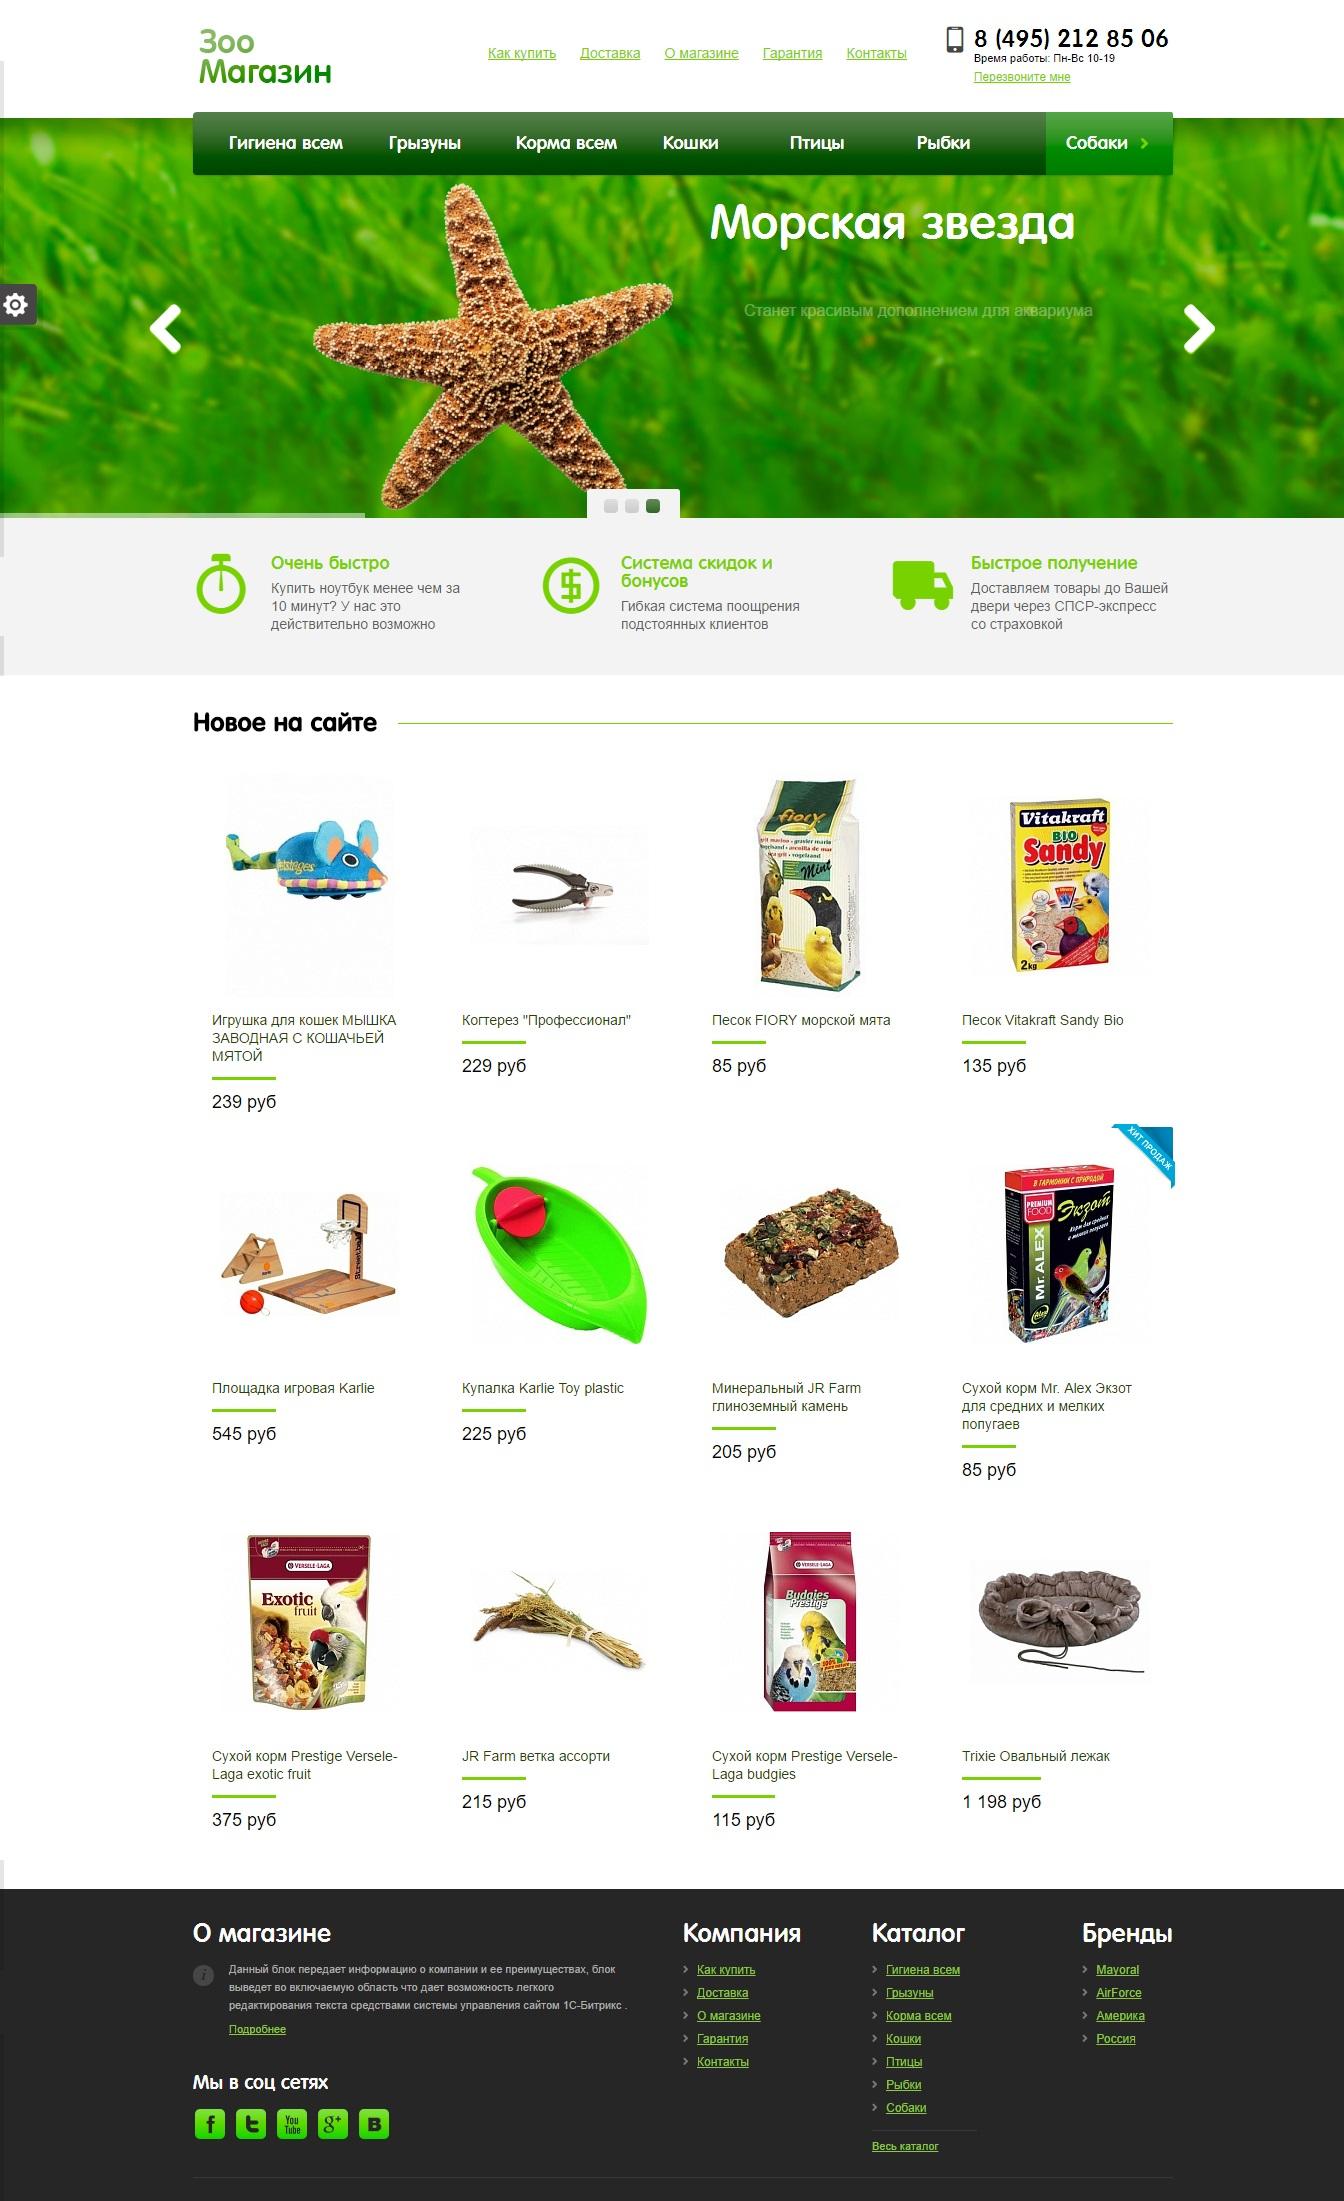 Готовый зоо магазин - 50890 руб.